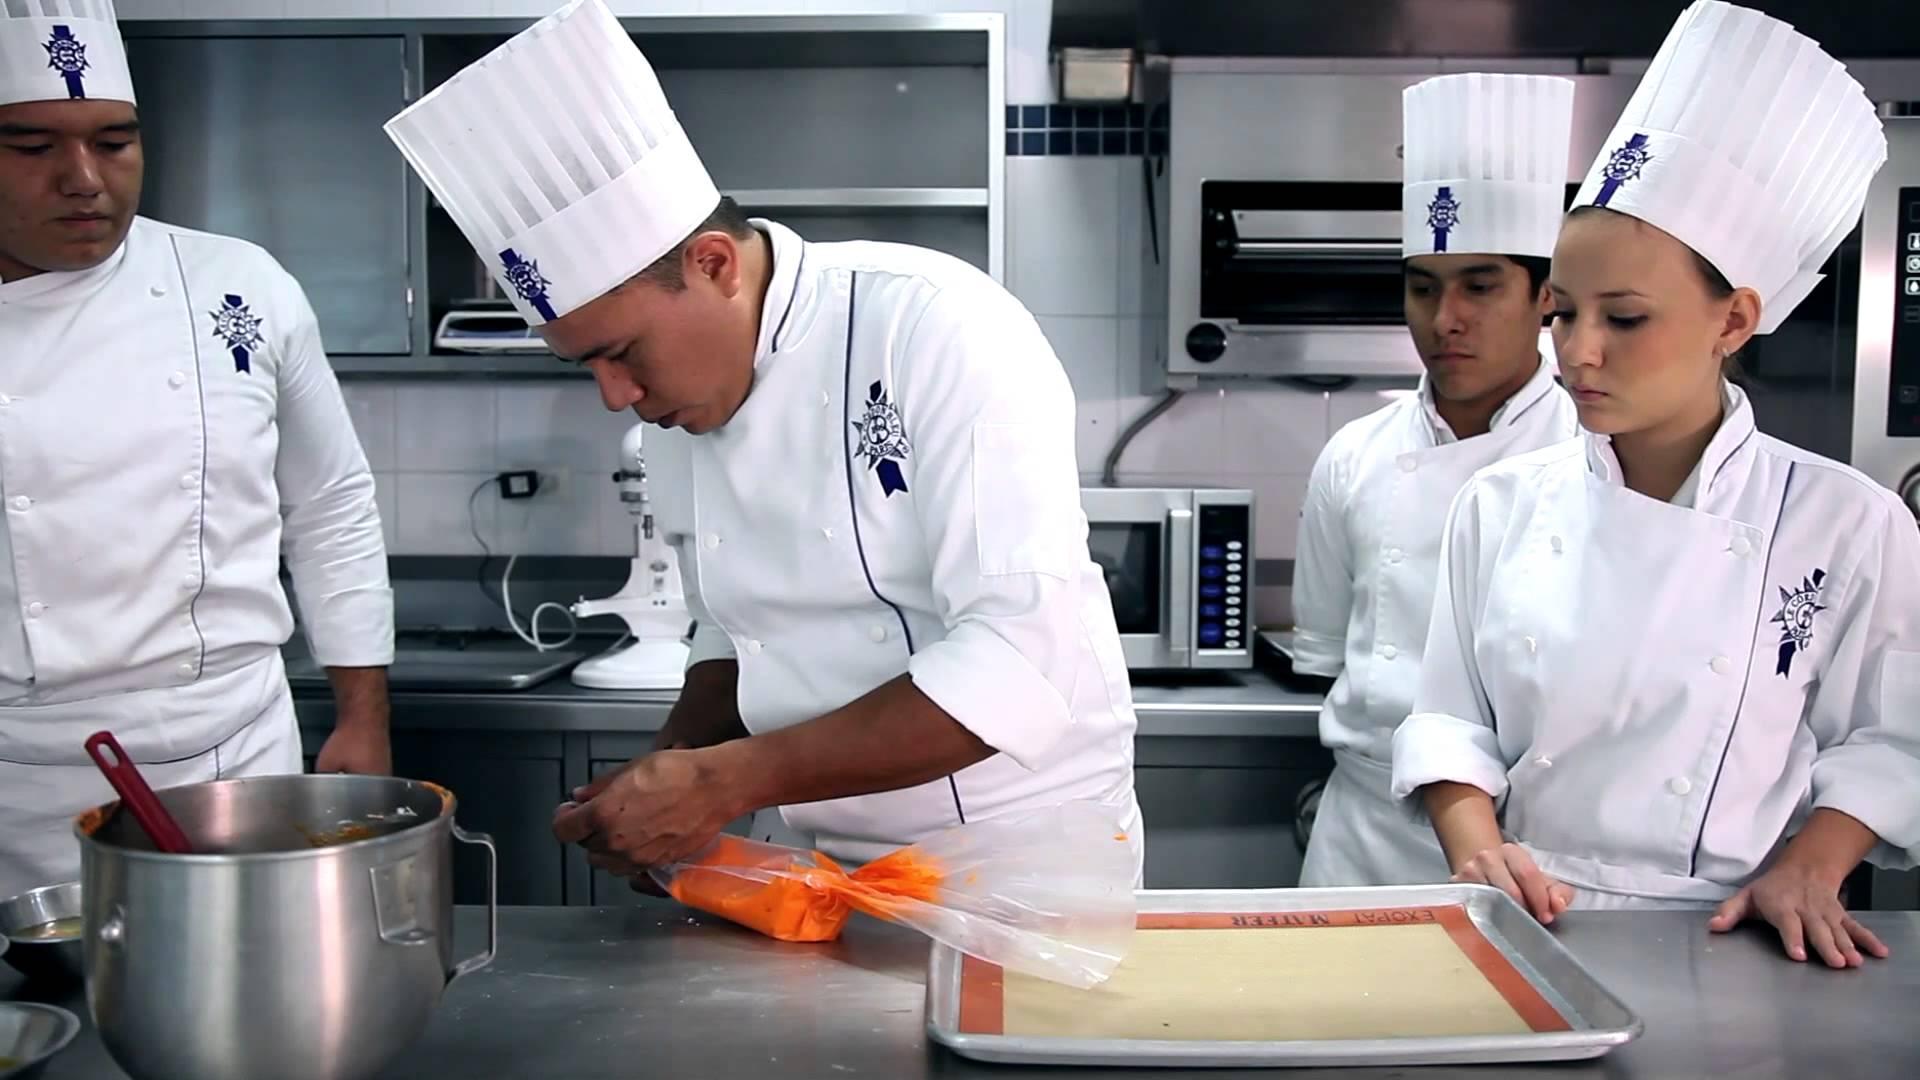 Le Cordon Bleu, một trong các tổ chức danh tiếng nhất thế giới đào tạo nghề nấu ăn, khách sạn và du lịch, được thành lập tại Paris năm 1895. Le Cordon Bleu Úc đào tạo hơn 2.000 sinh viên hàng năm tại các trường trực thuộc ở Sydney và Adelaide trong hàng loạt chương trình nghệ thuật nấu ăn và quản lý khách sạn. Nhu cầu tuyển sinh viên tốt nghiệp trường Le Cordon Bleu rất cao trong các lĩnh vực chuyên ngành của họ, và nhiều sinh viên tiếp tục phát triển sự nghiệp sôi động trong các khách sạn, nhà hàng và khu nghỉ dưỡng hàng đầu trên khắp Ôxtrâylia và toàn thế giới.